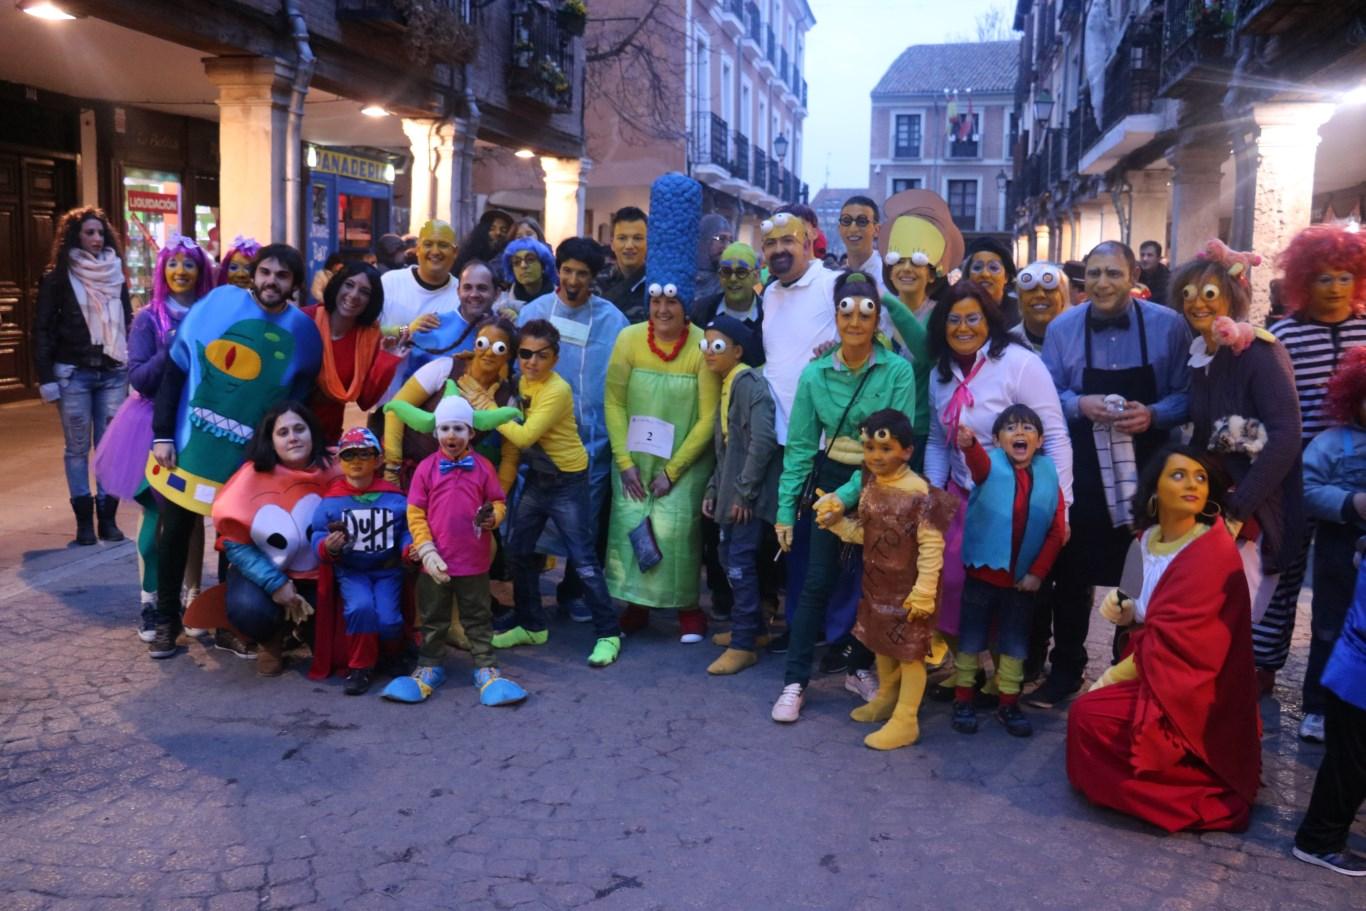 Concursos de fotografia em portugal 2013 69